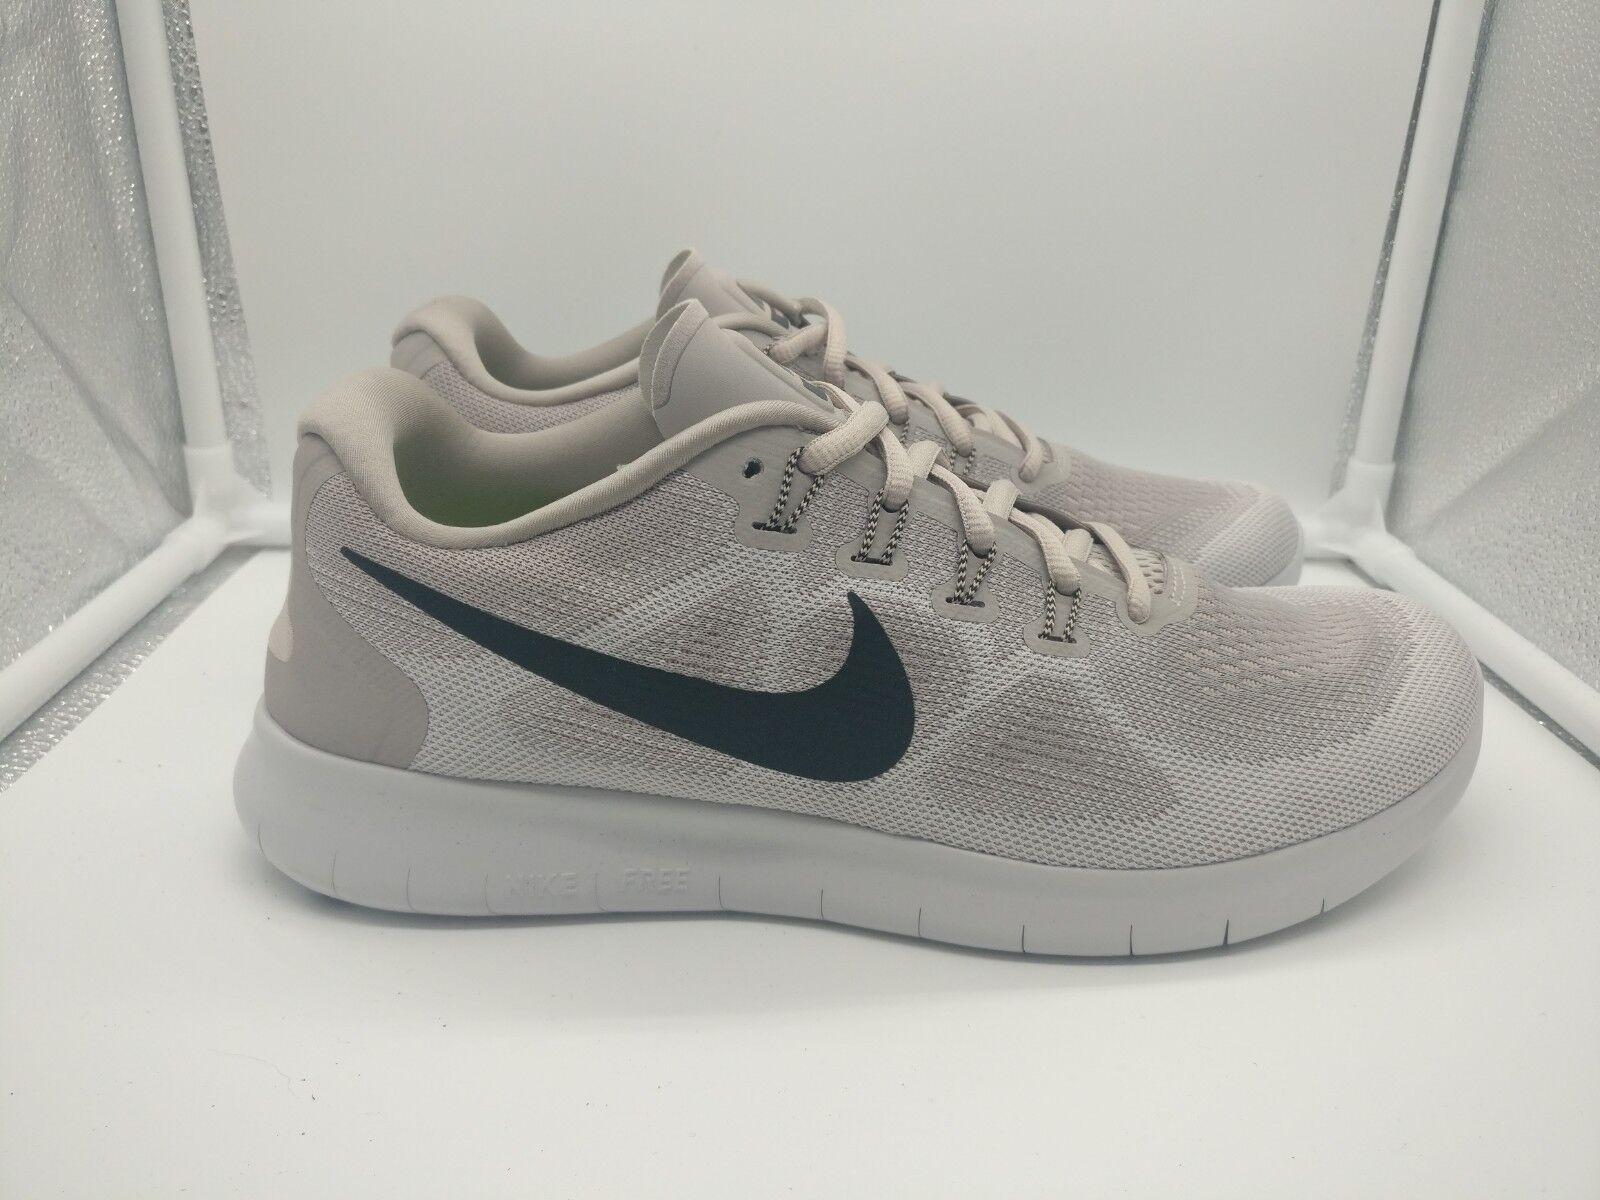 Nike de mujer free run run run rn 2017 Reino Unido 7.5 Luna de partículas grandes gris Negro 880840-200  tienda de venta